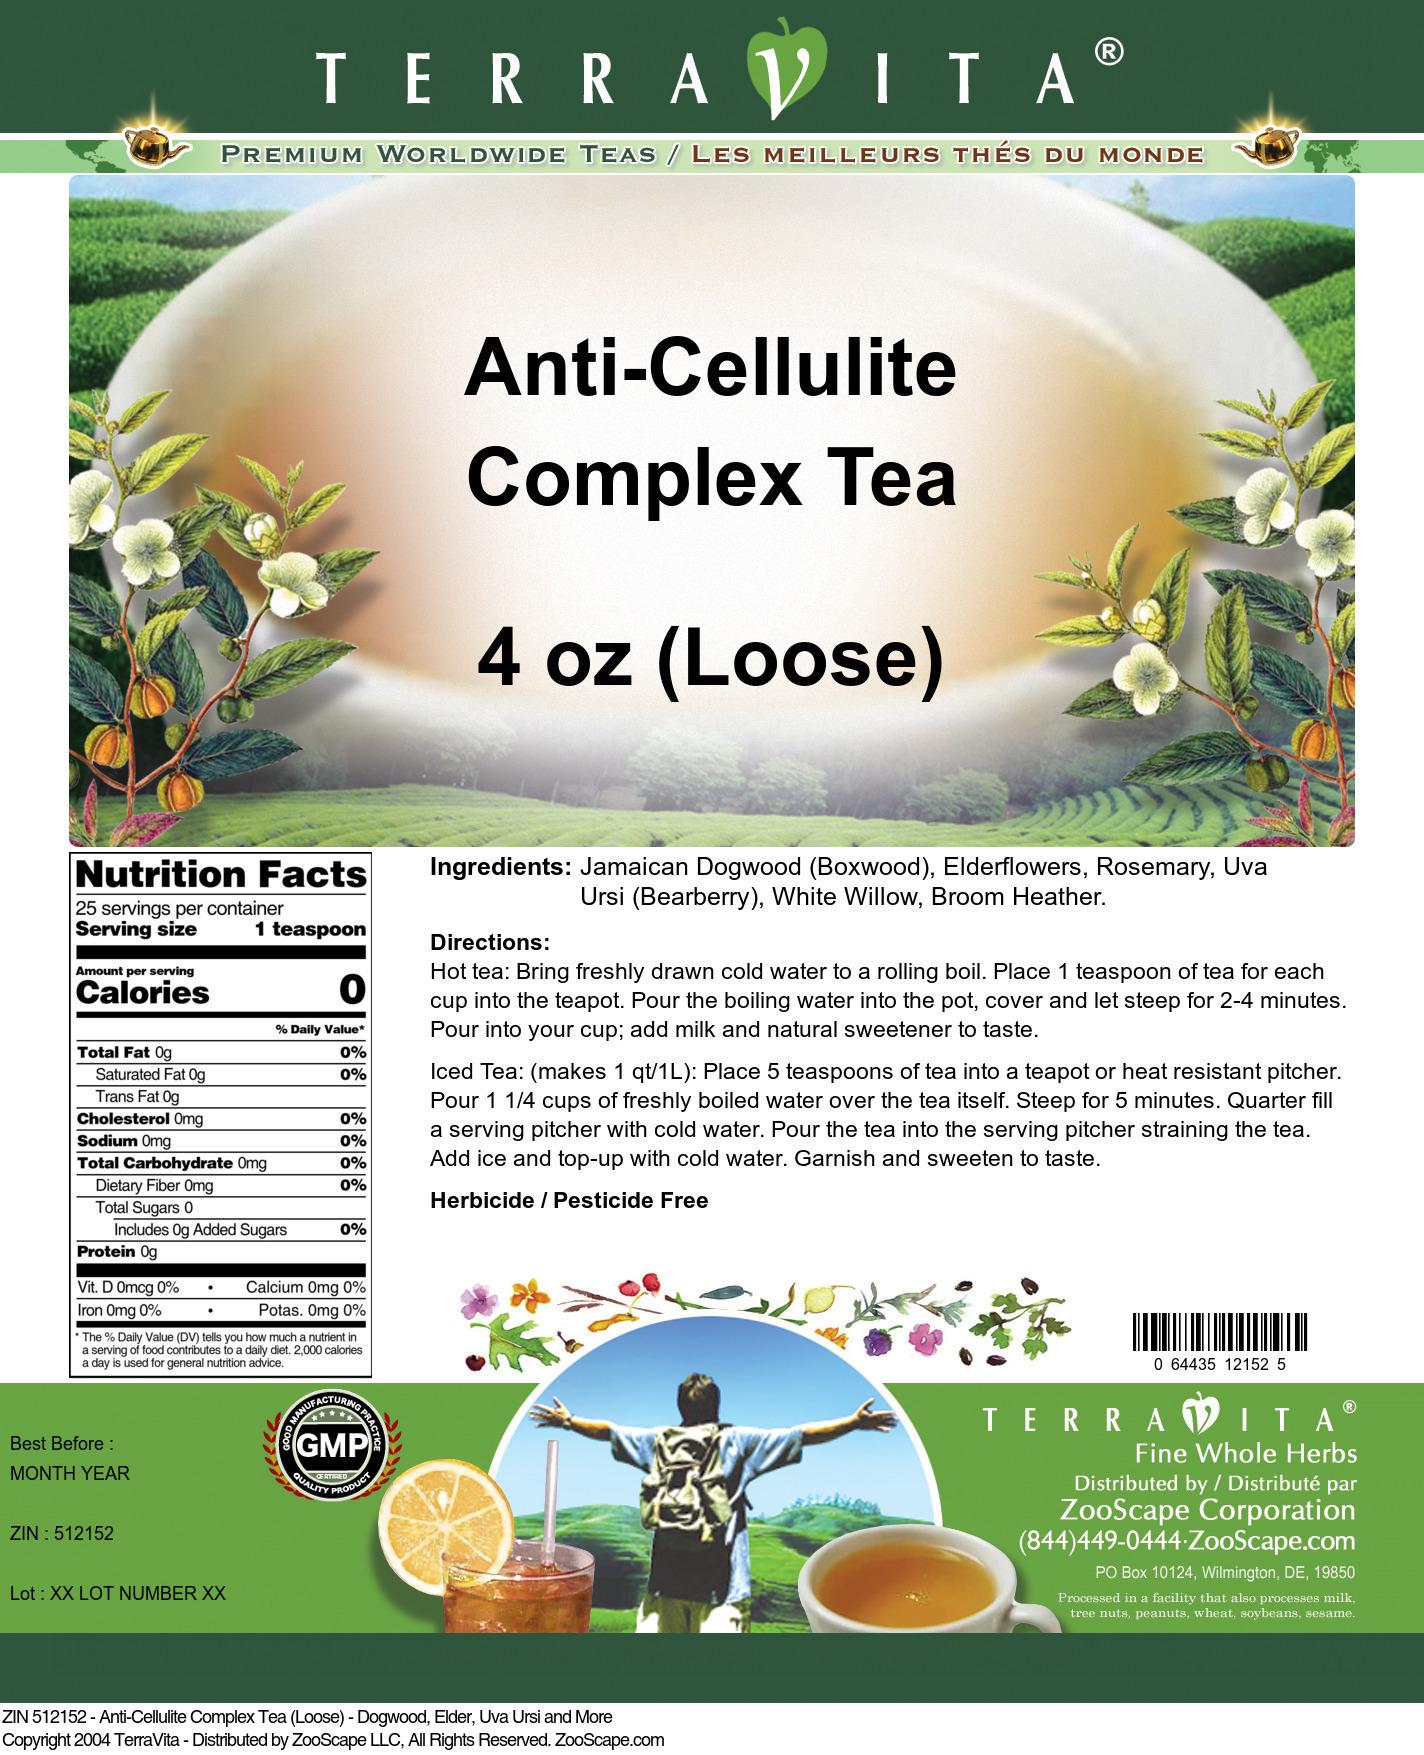 Anti-Cellulite Complex Tea (Loose) - Dogwood, Elder, Uva Ursi and More